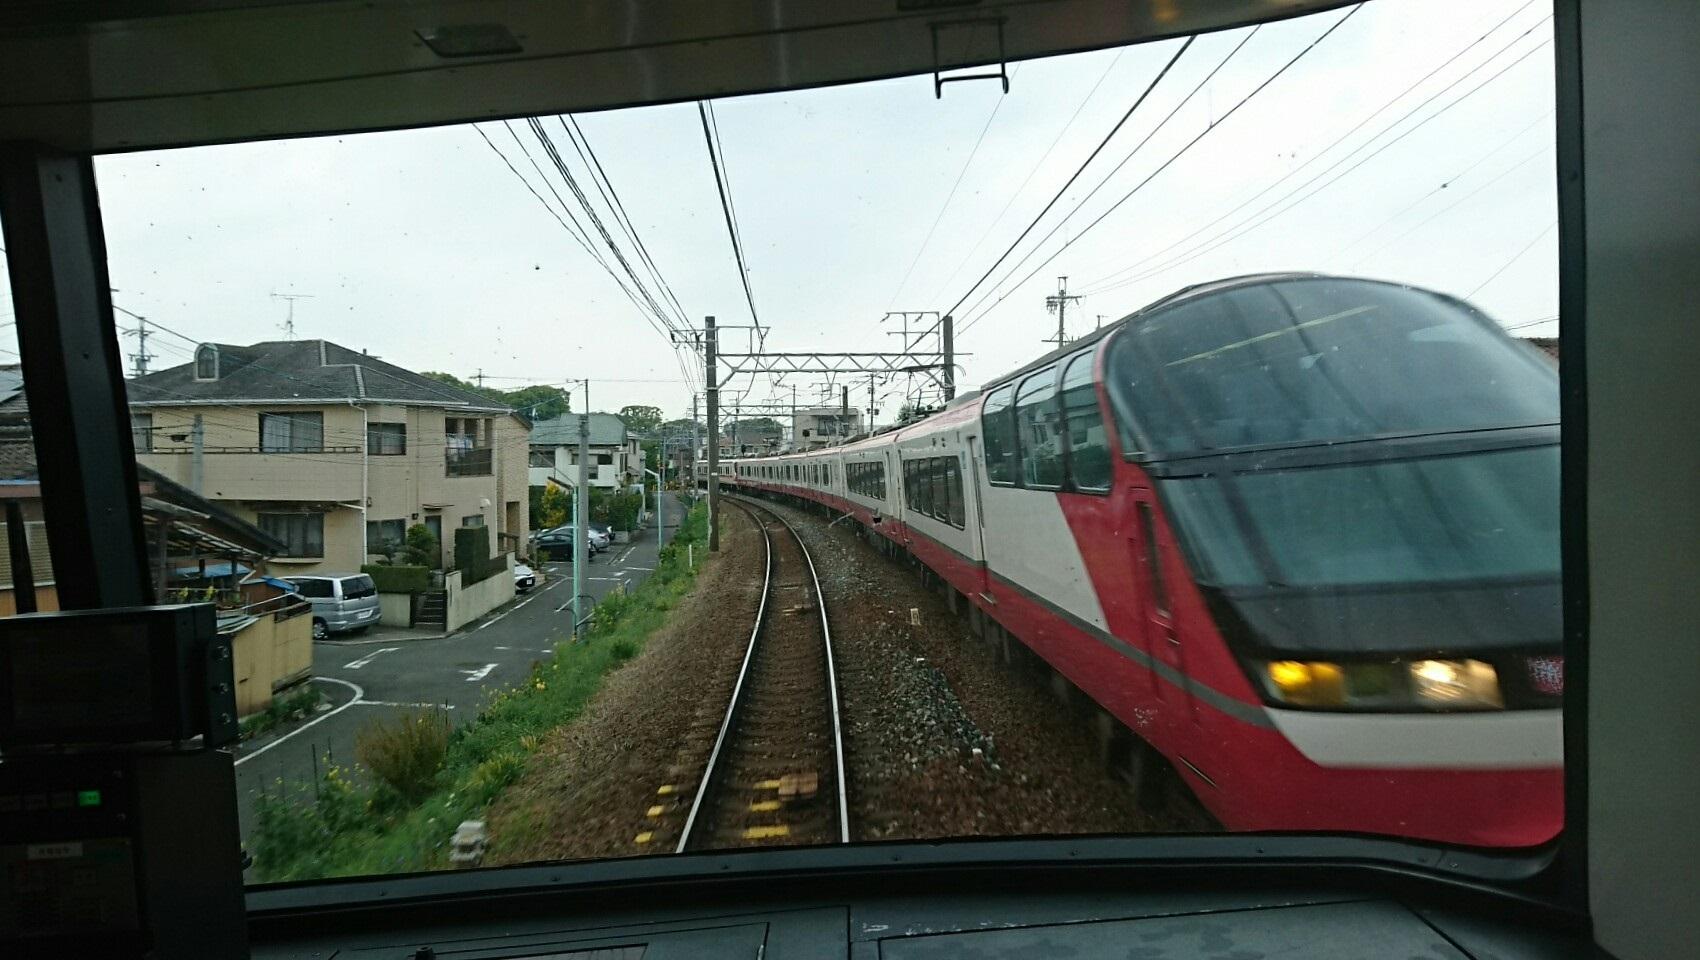 2018.4.11 名古屋 (3) 須ヶ口いき特急 - 桜すぎ 1700-960